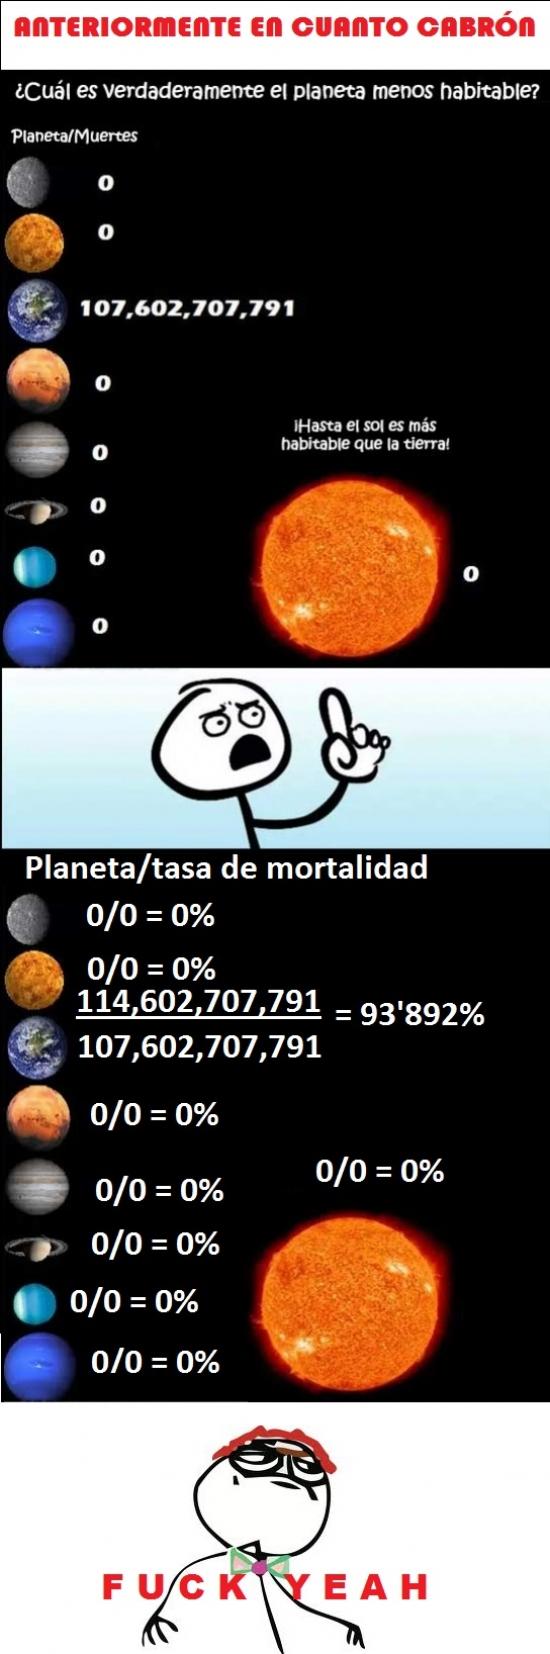 Fuck_yea - ¿Planeta más habitable, seguro?